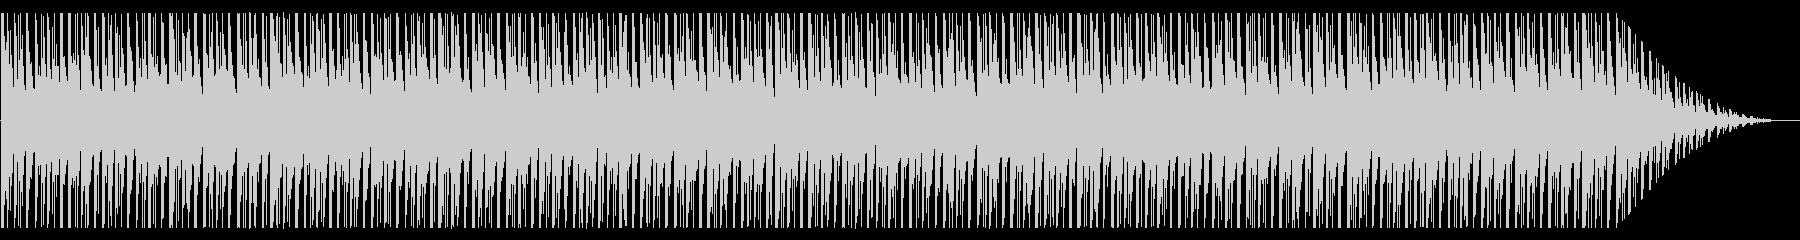 BGMに最適なエレクトロの未再生の波形